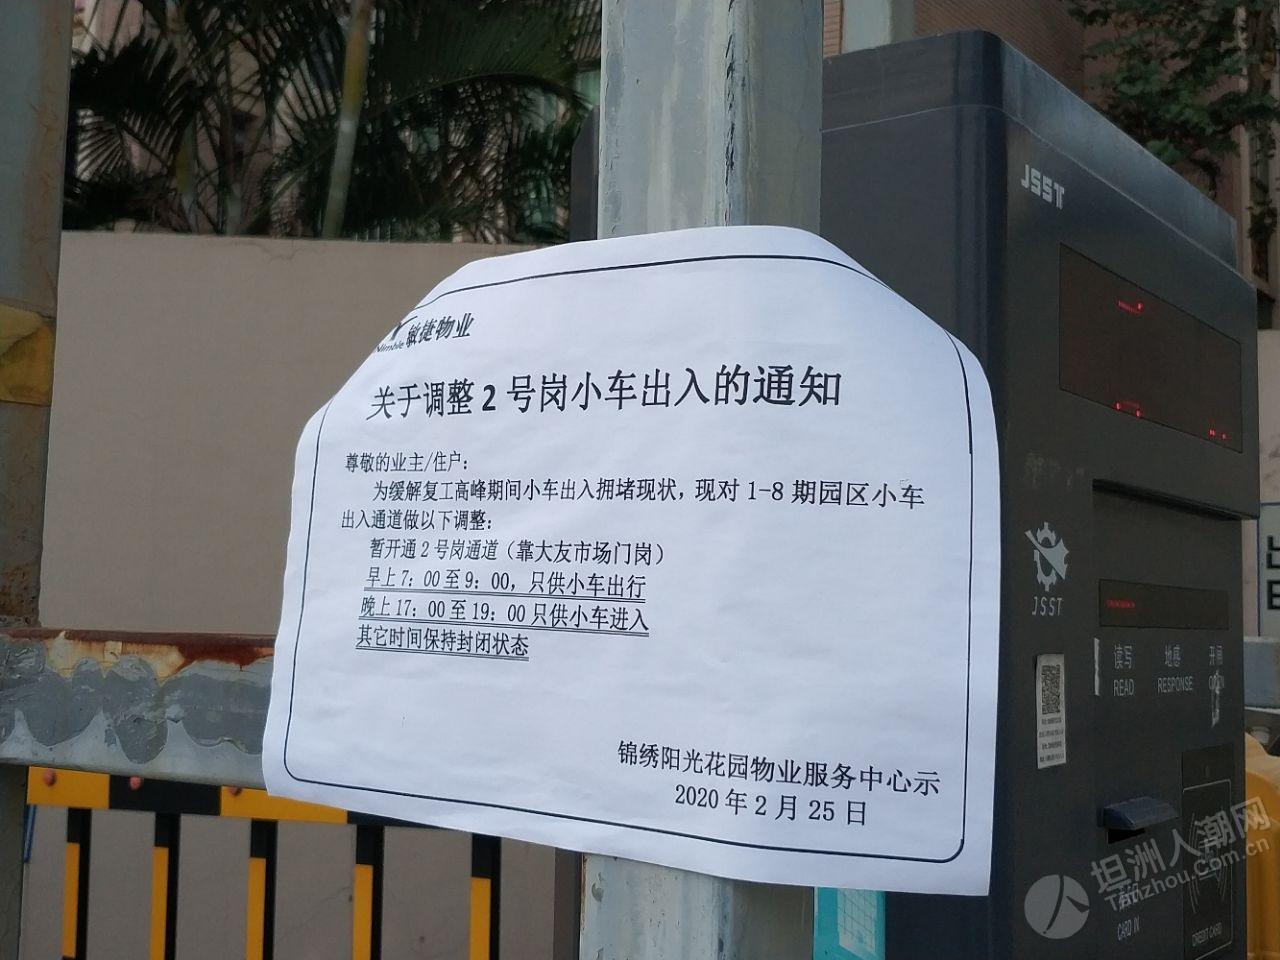 锦绣阳光花园2号出口恢复通行时间